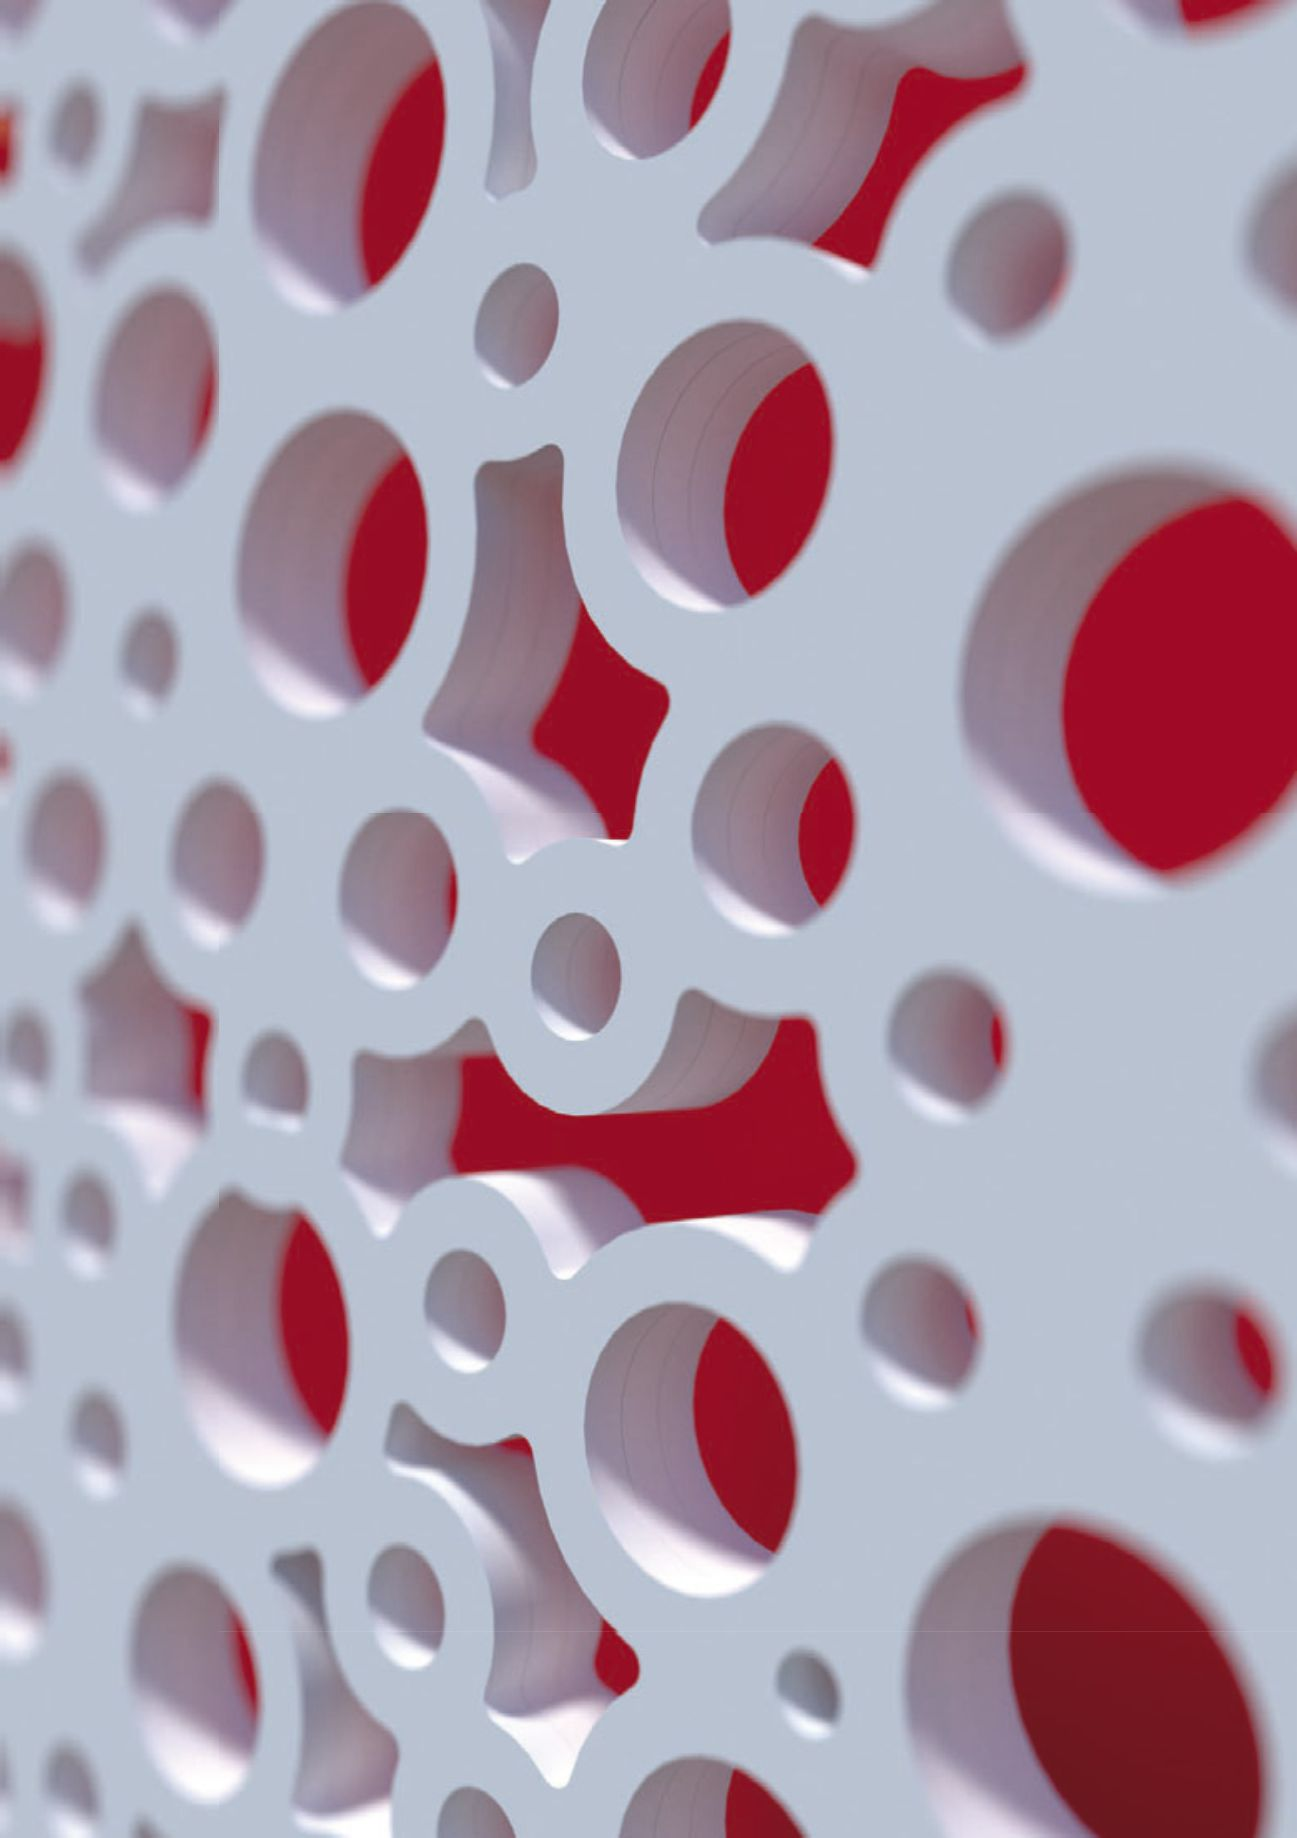 panou mdf vopsit alb cu decupaje cercuri, pe fundal culoare rosu